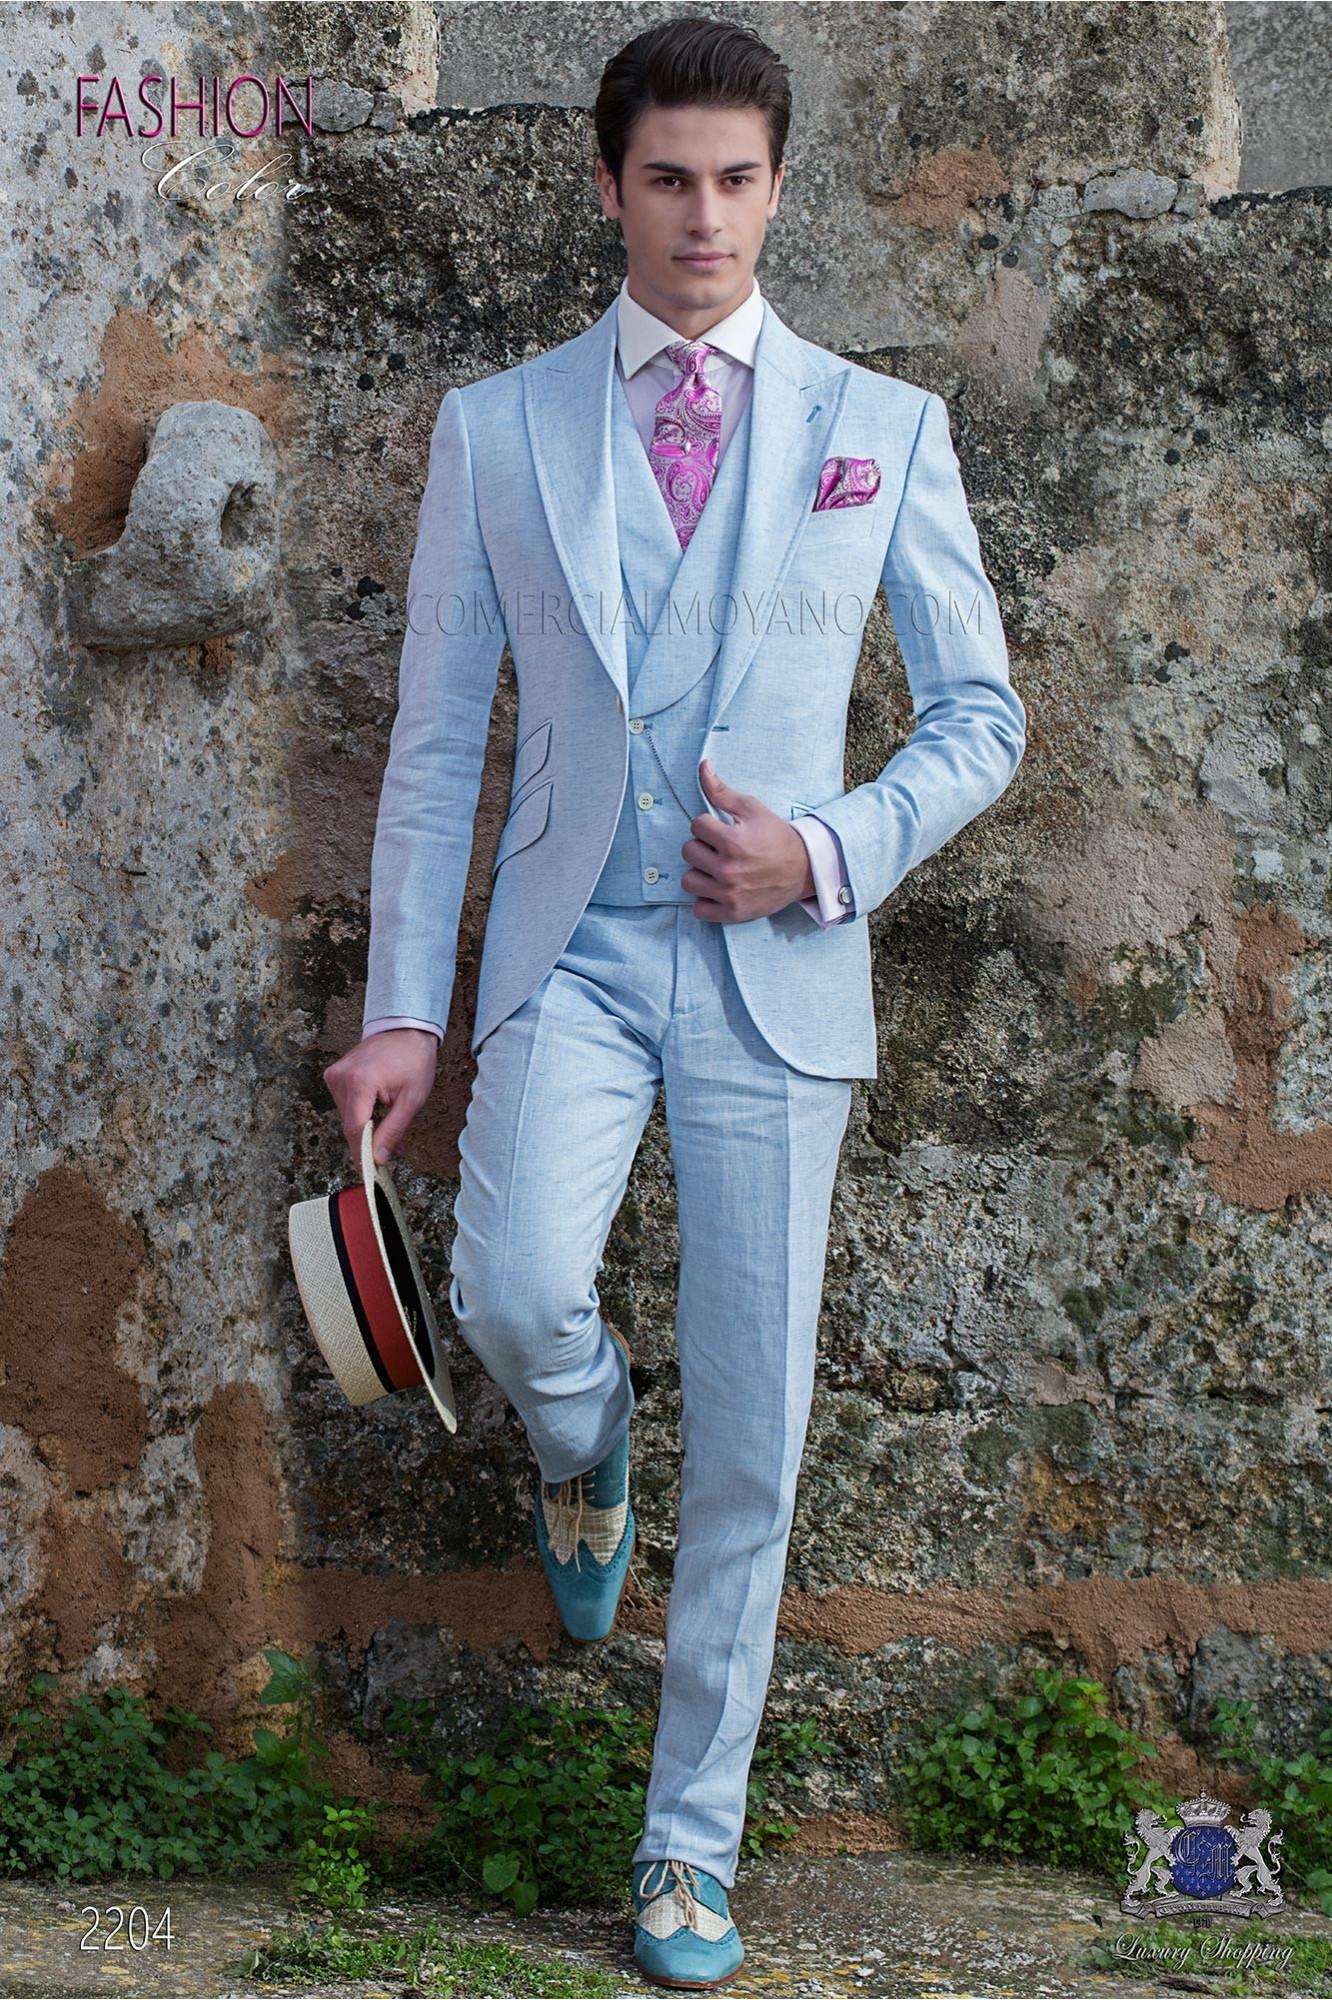 d97ee581524ef Traje de novio a medida azul claro de lino loading zoom jpg 1332x2000 Lino  trajes azul